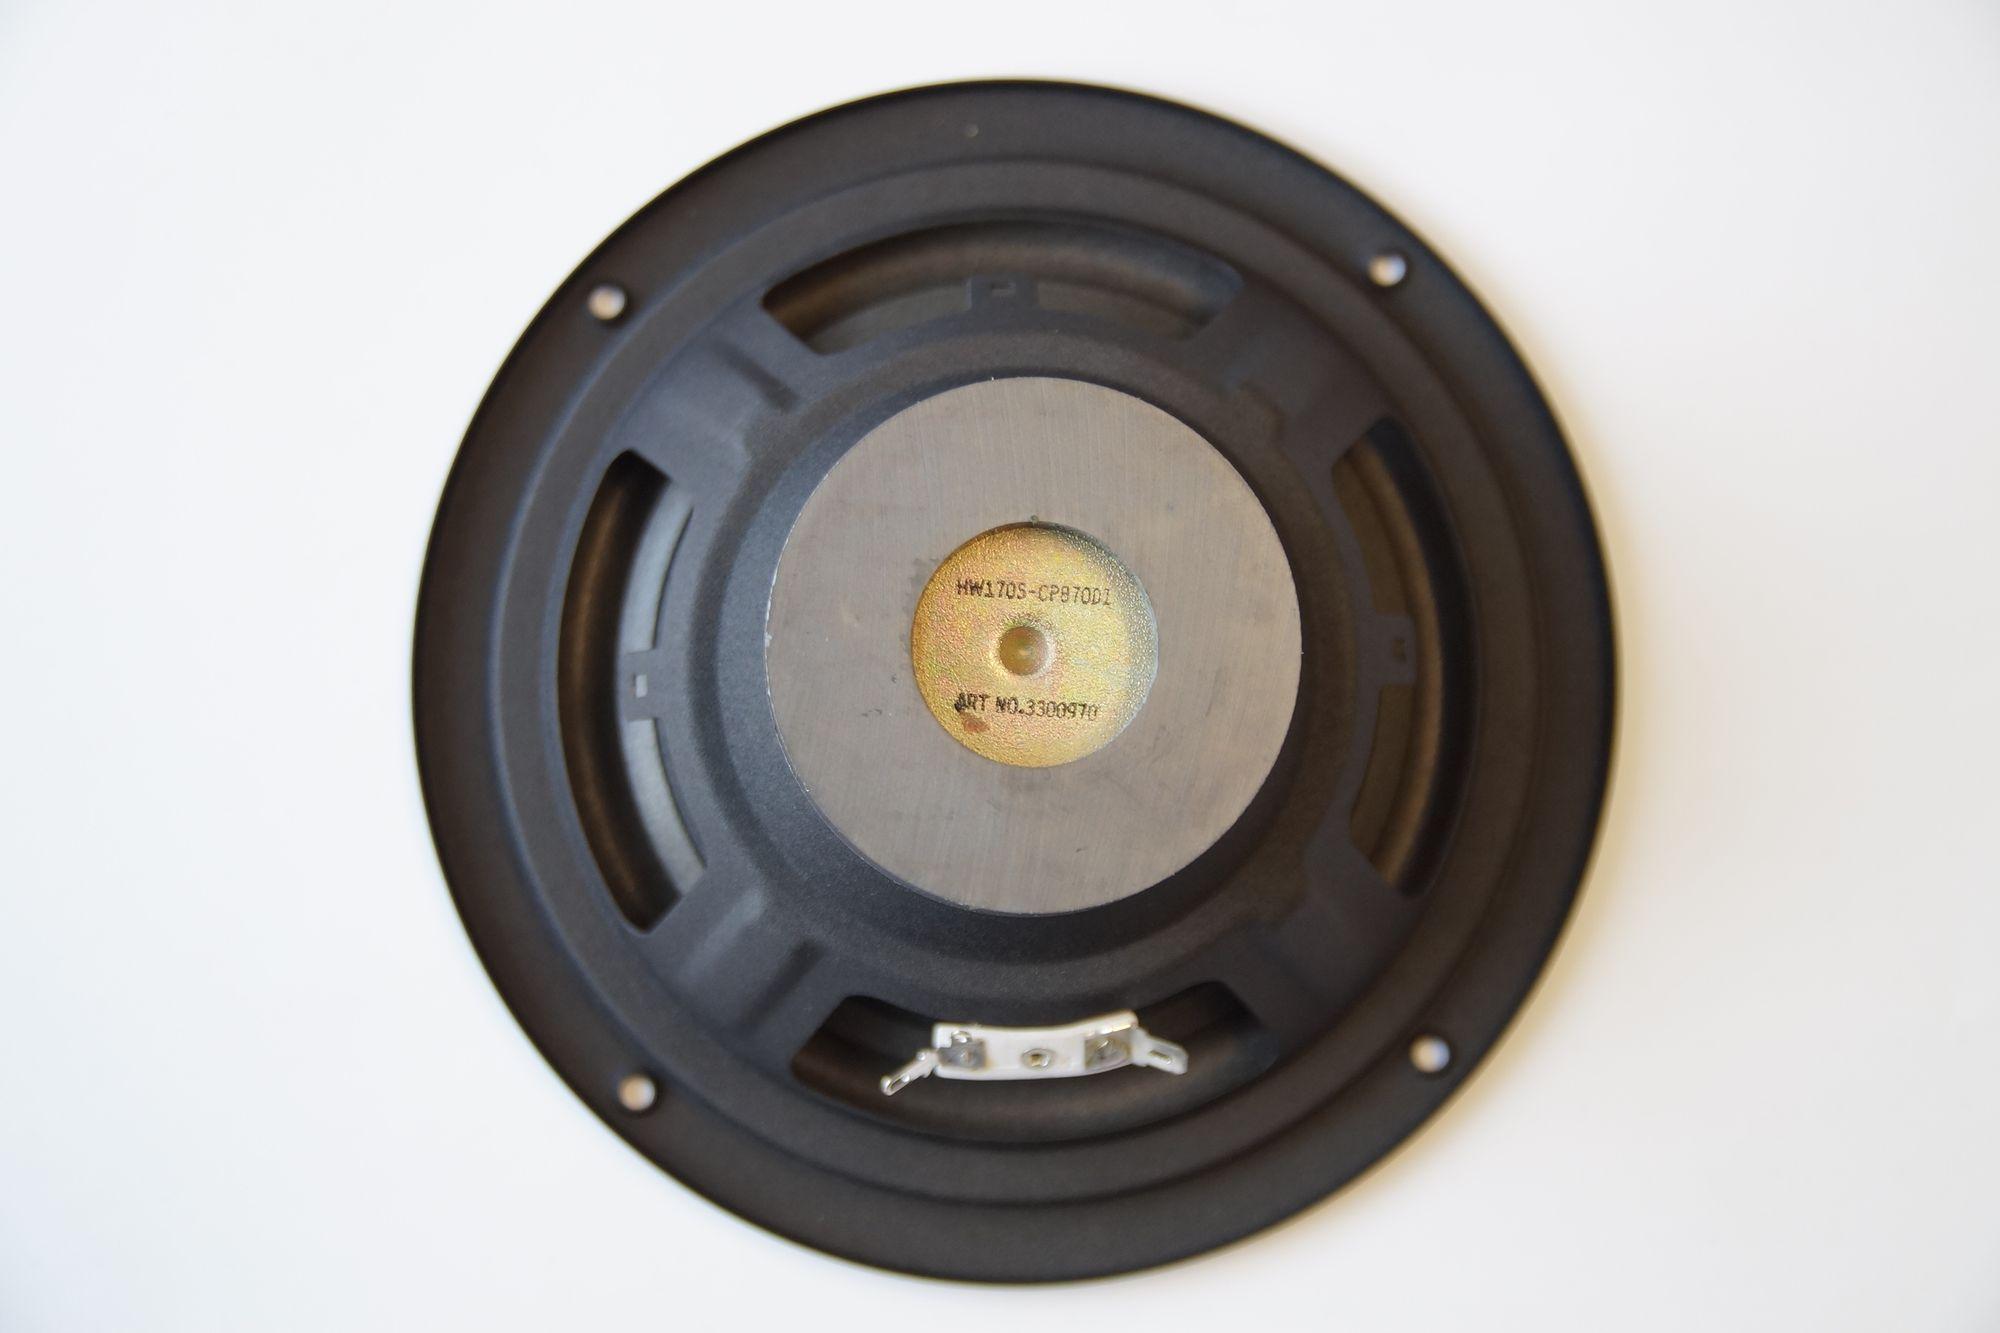 1 Stück Heco 170 mm Tiefmitteltöner HW 170 SCP 870 Dl Serviceware – Bild 5